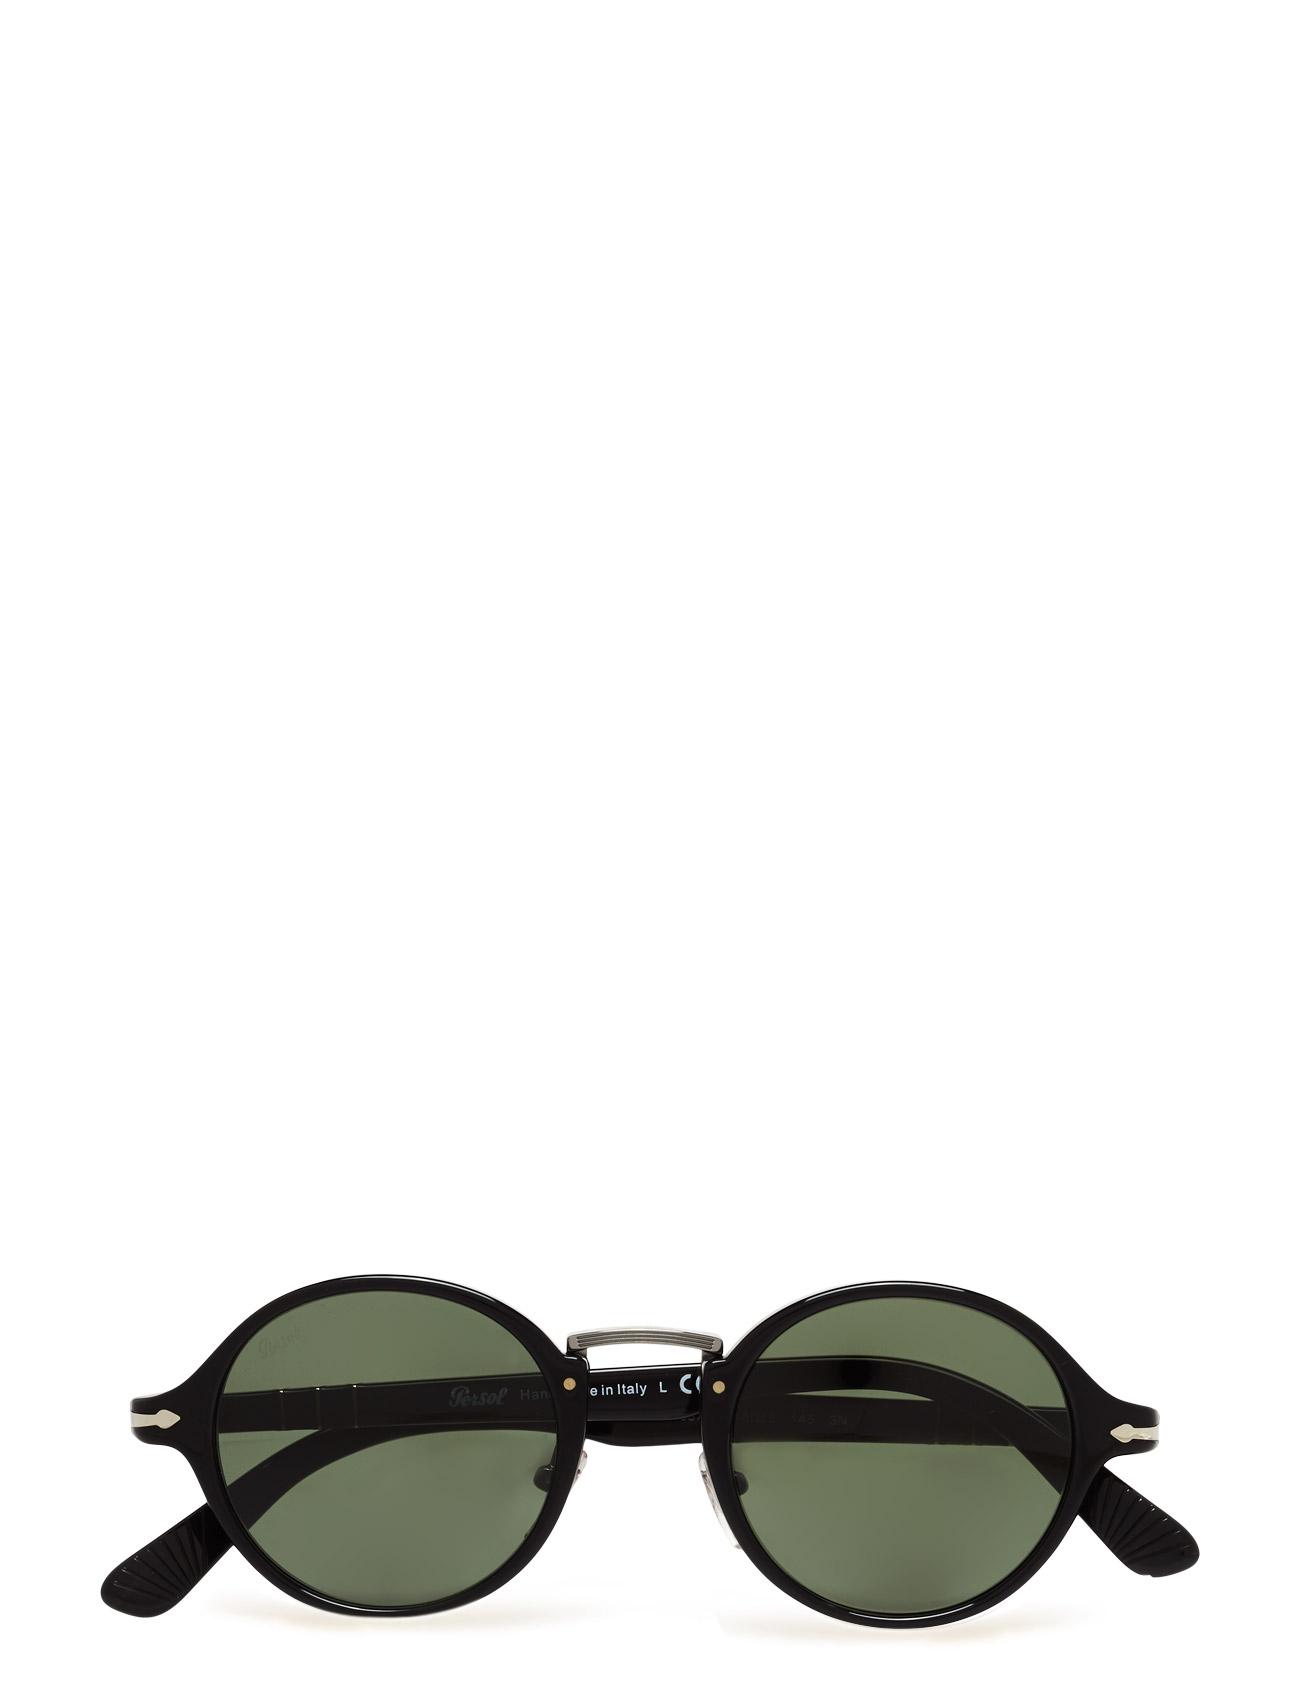 Suprema Persol Solbriller til Damer i